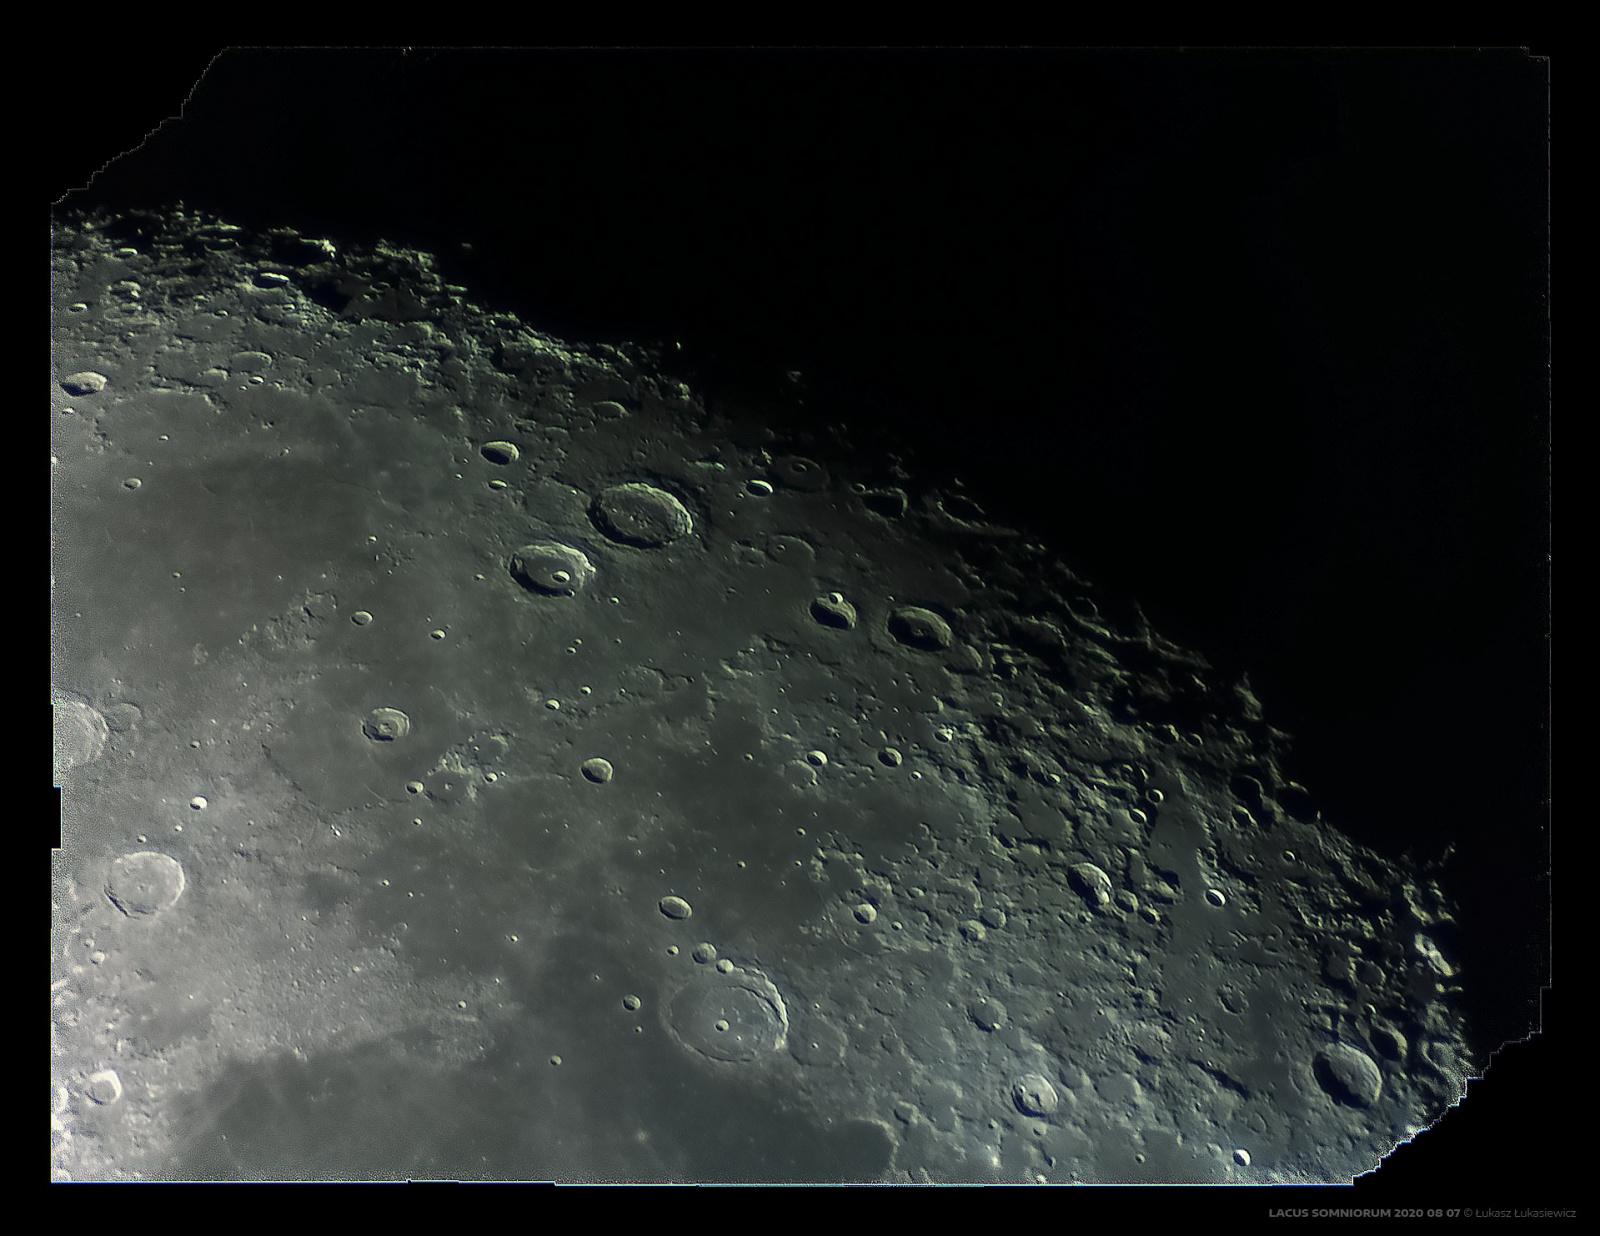 LACUS-SOMNIORUM-2020-08-07.jpg